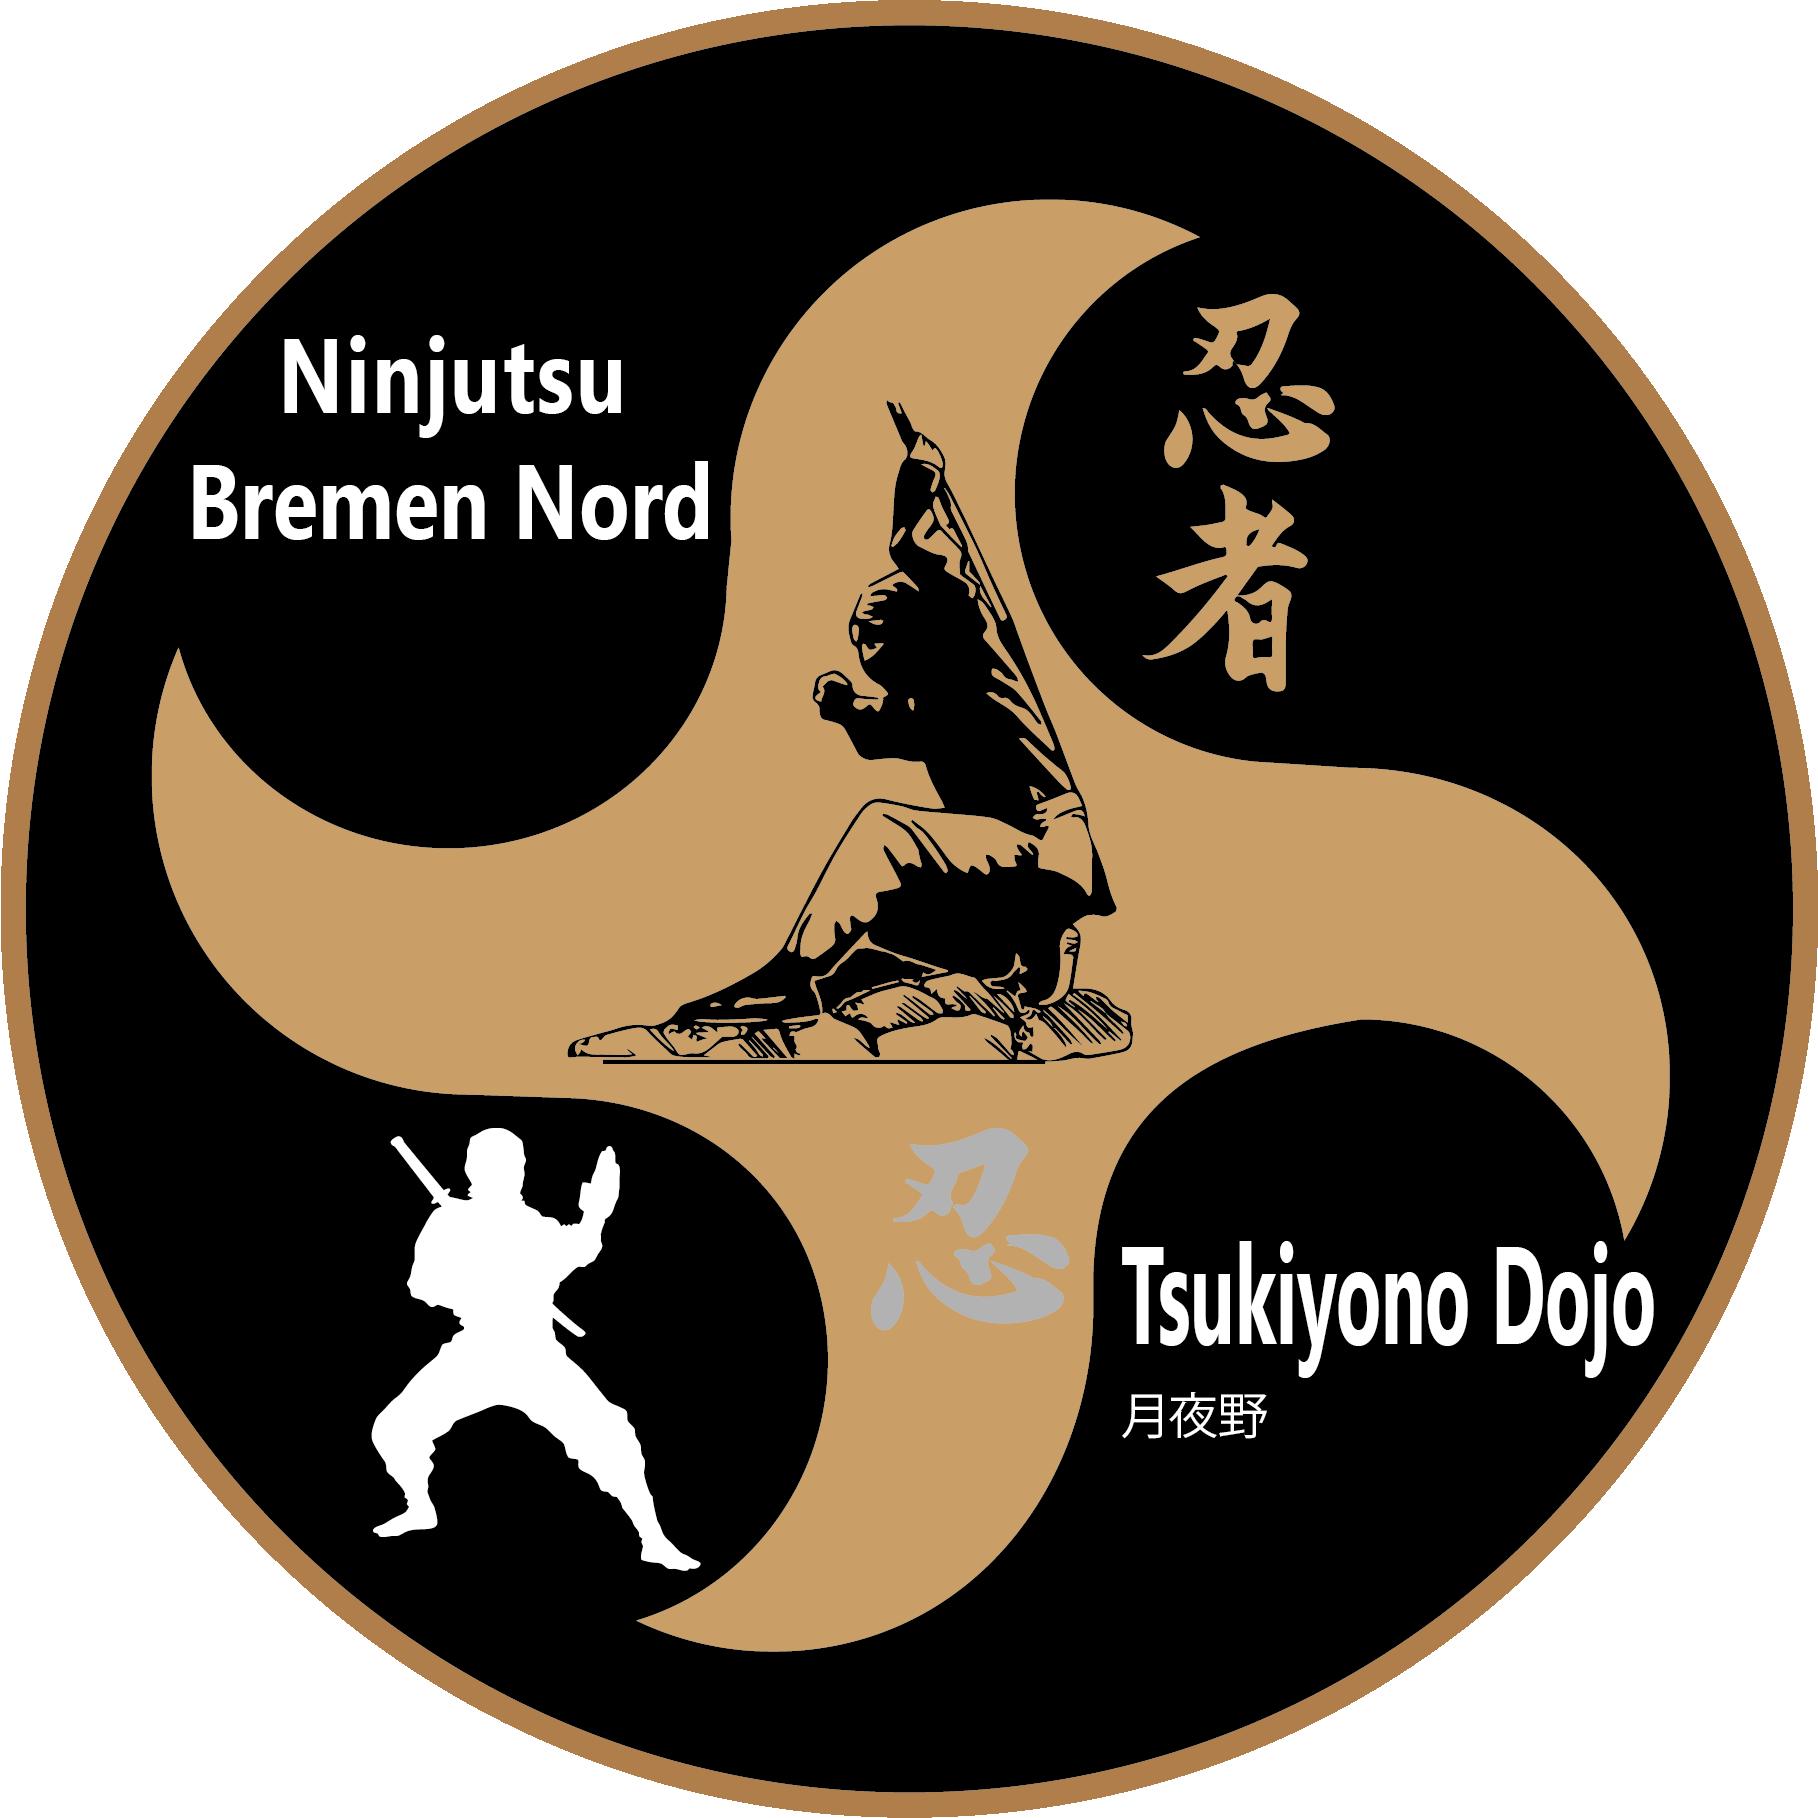 Ninjutsu Bremen Nord – Tsukiyono Dojo – 月夜野